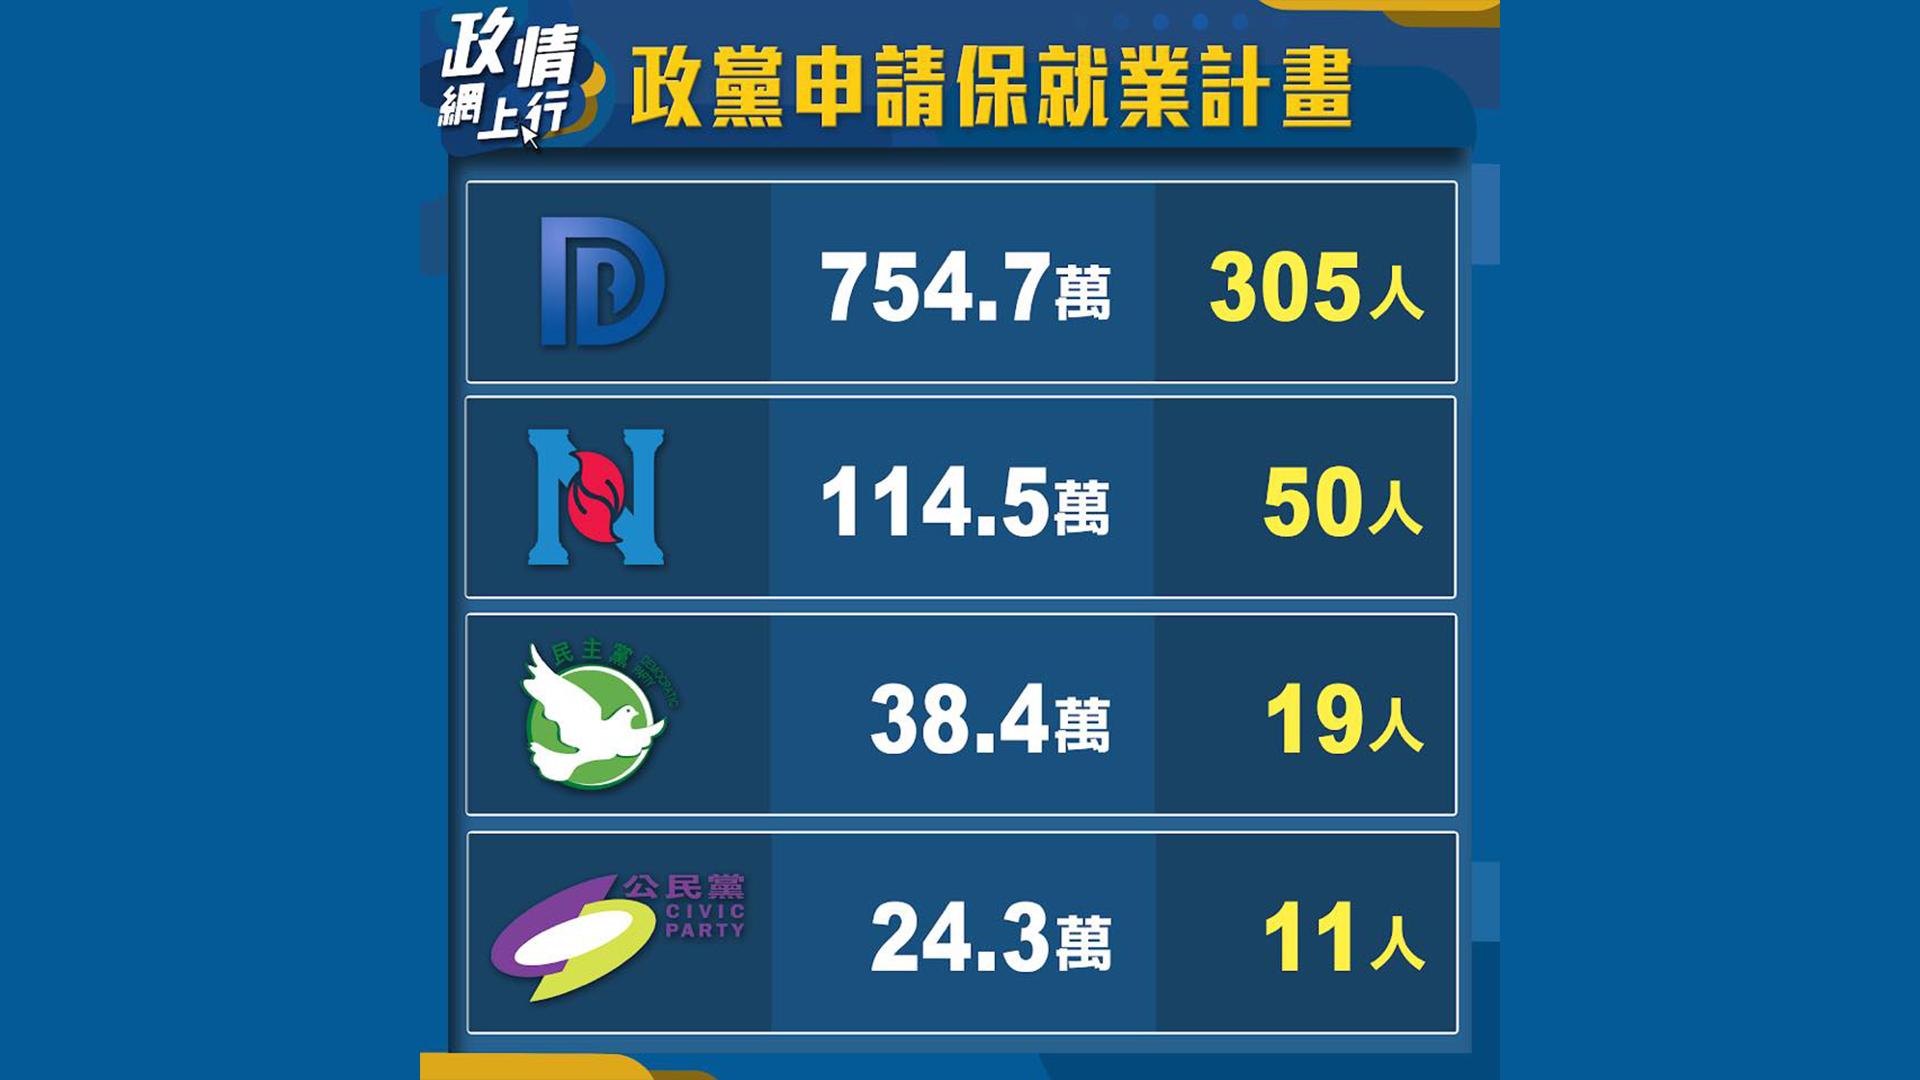 【政情網上行】政黨申請保就業計畫